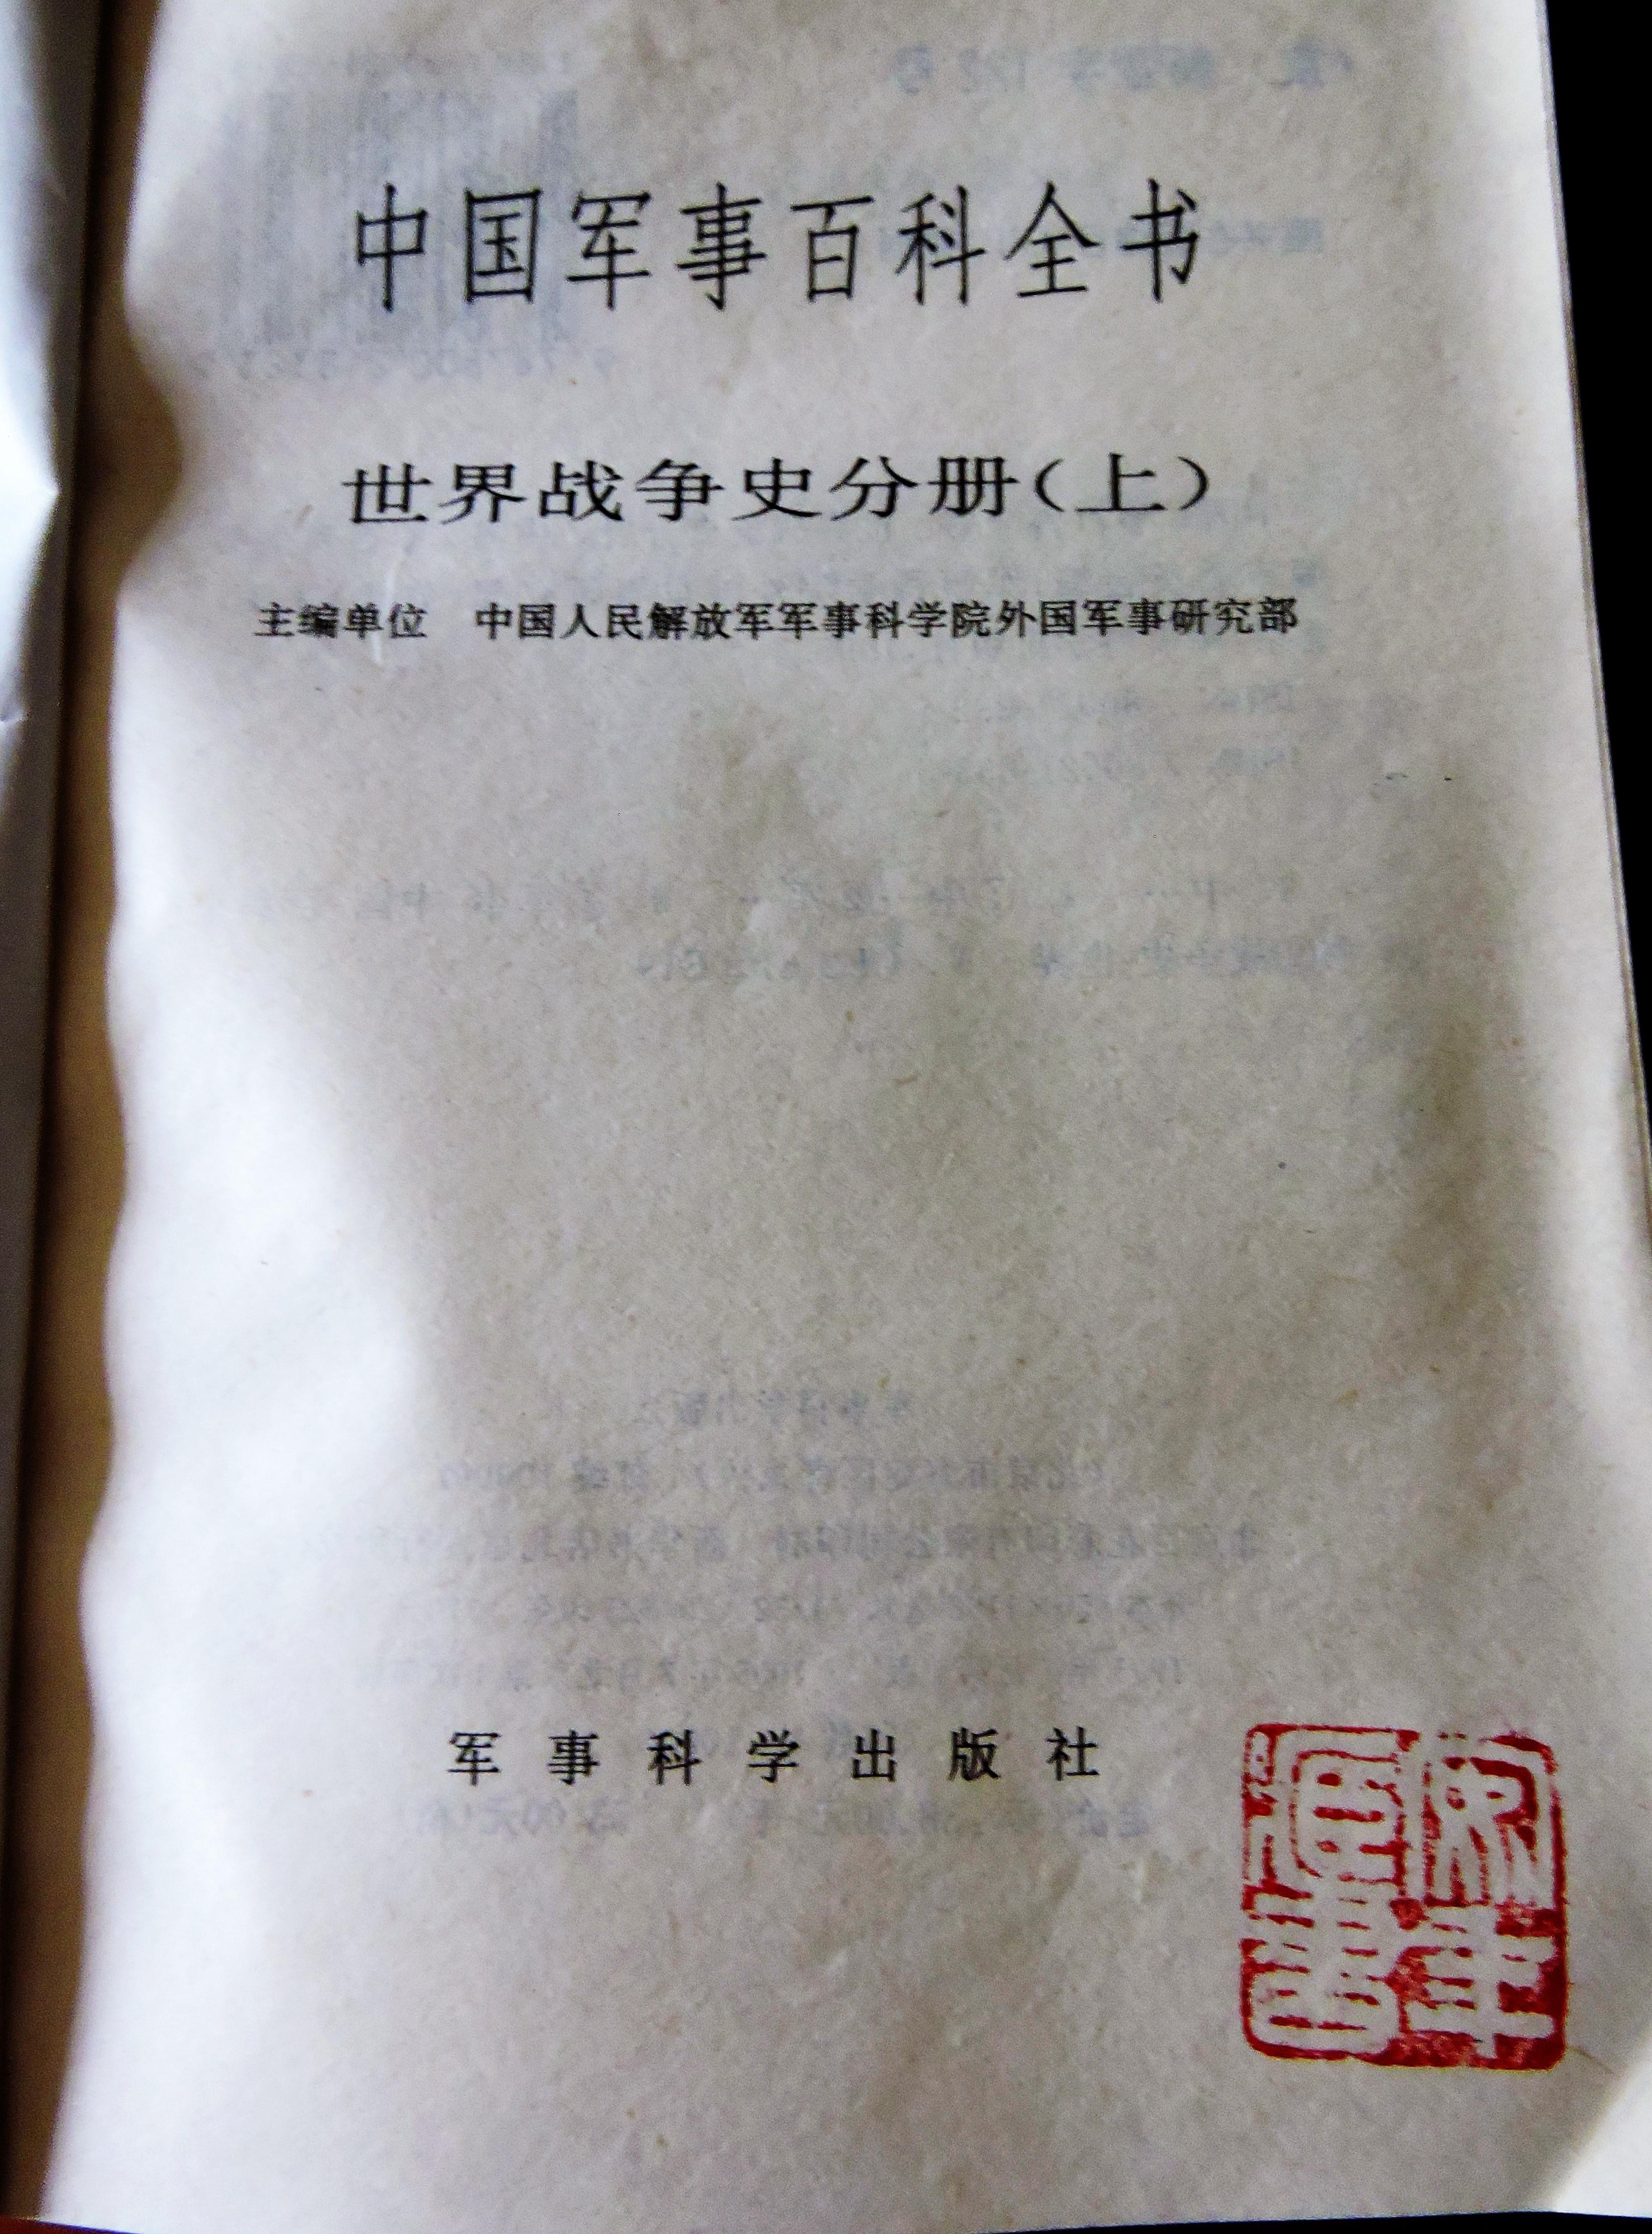 3 DSCN8325.jpg